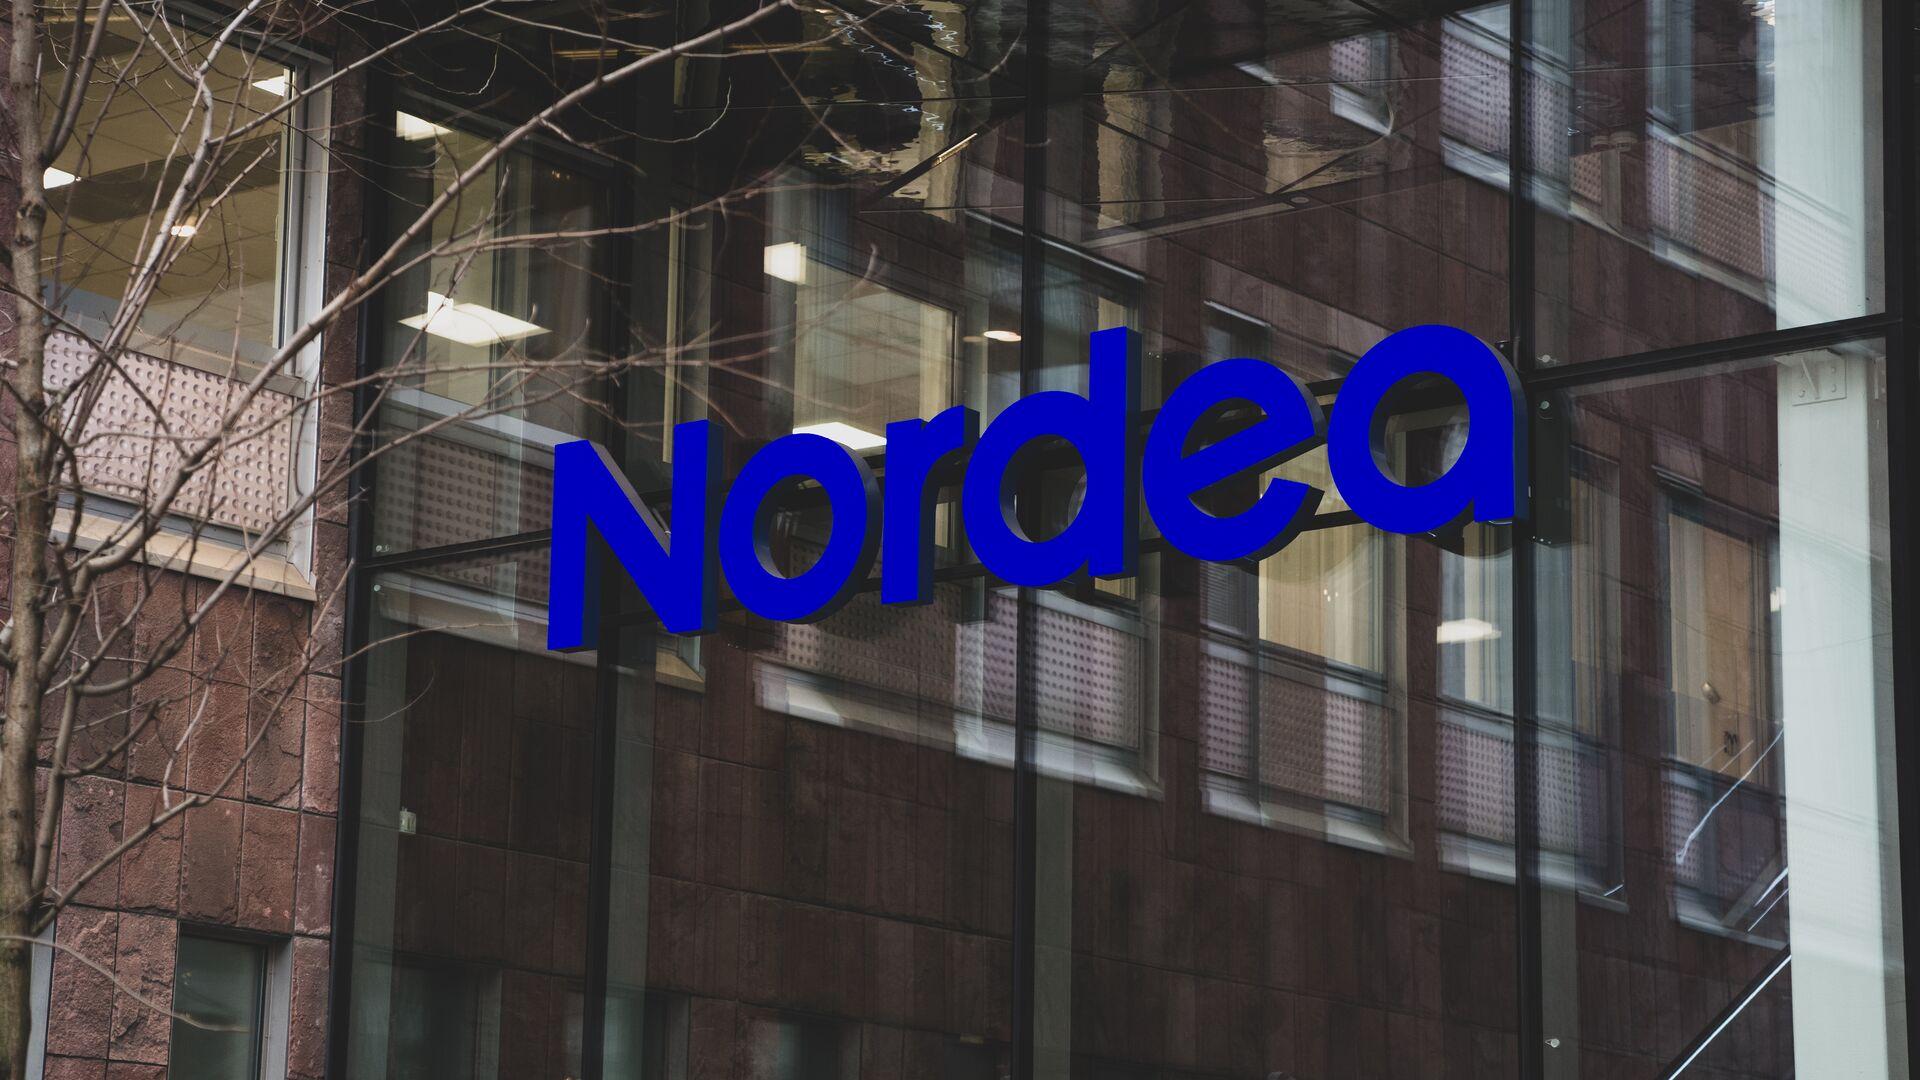 Stockholm headquarter